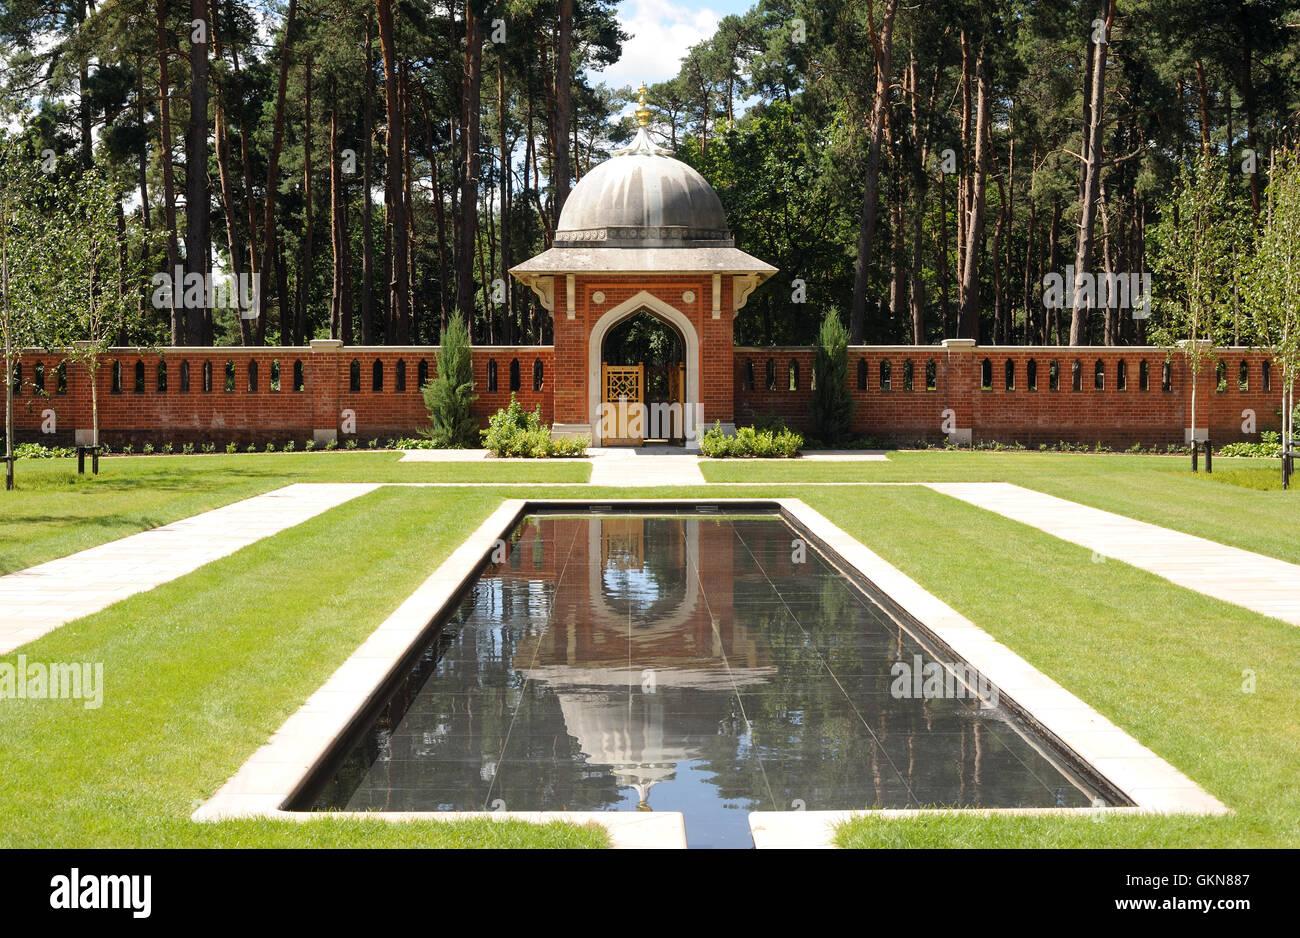 El cementerio musulmán Jardín de Paz. Woking, Surrey, Reino Unido Imagen De Stock